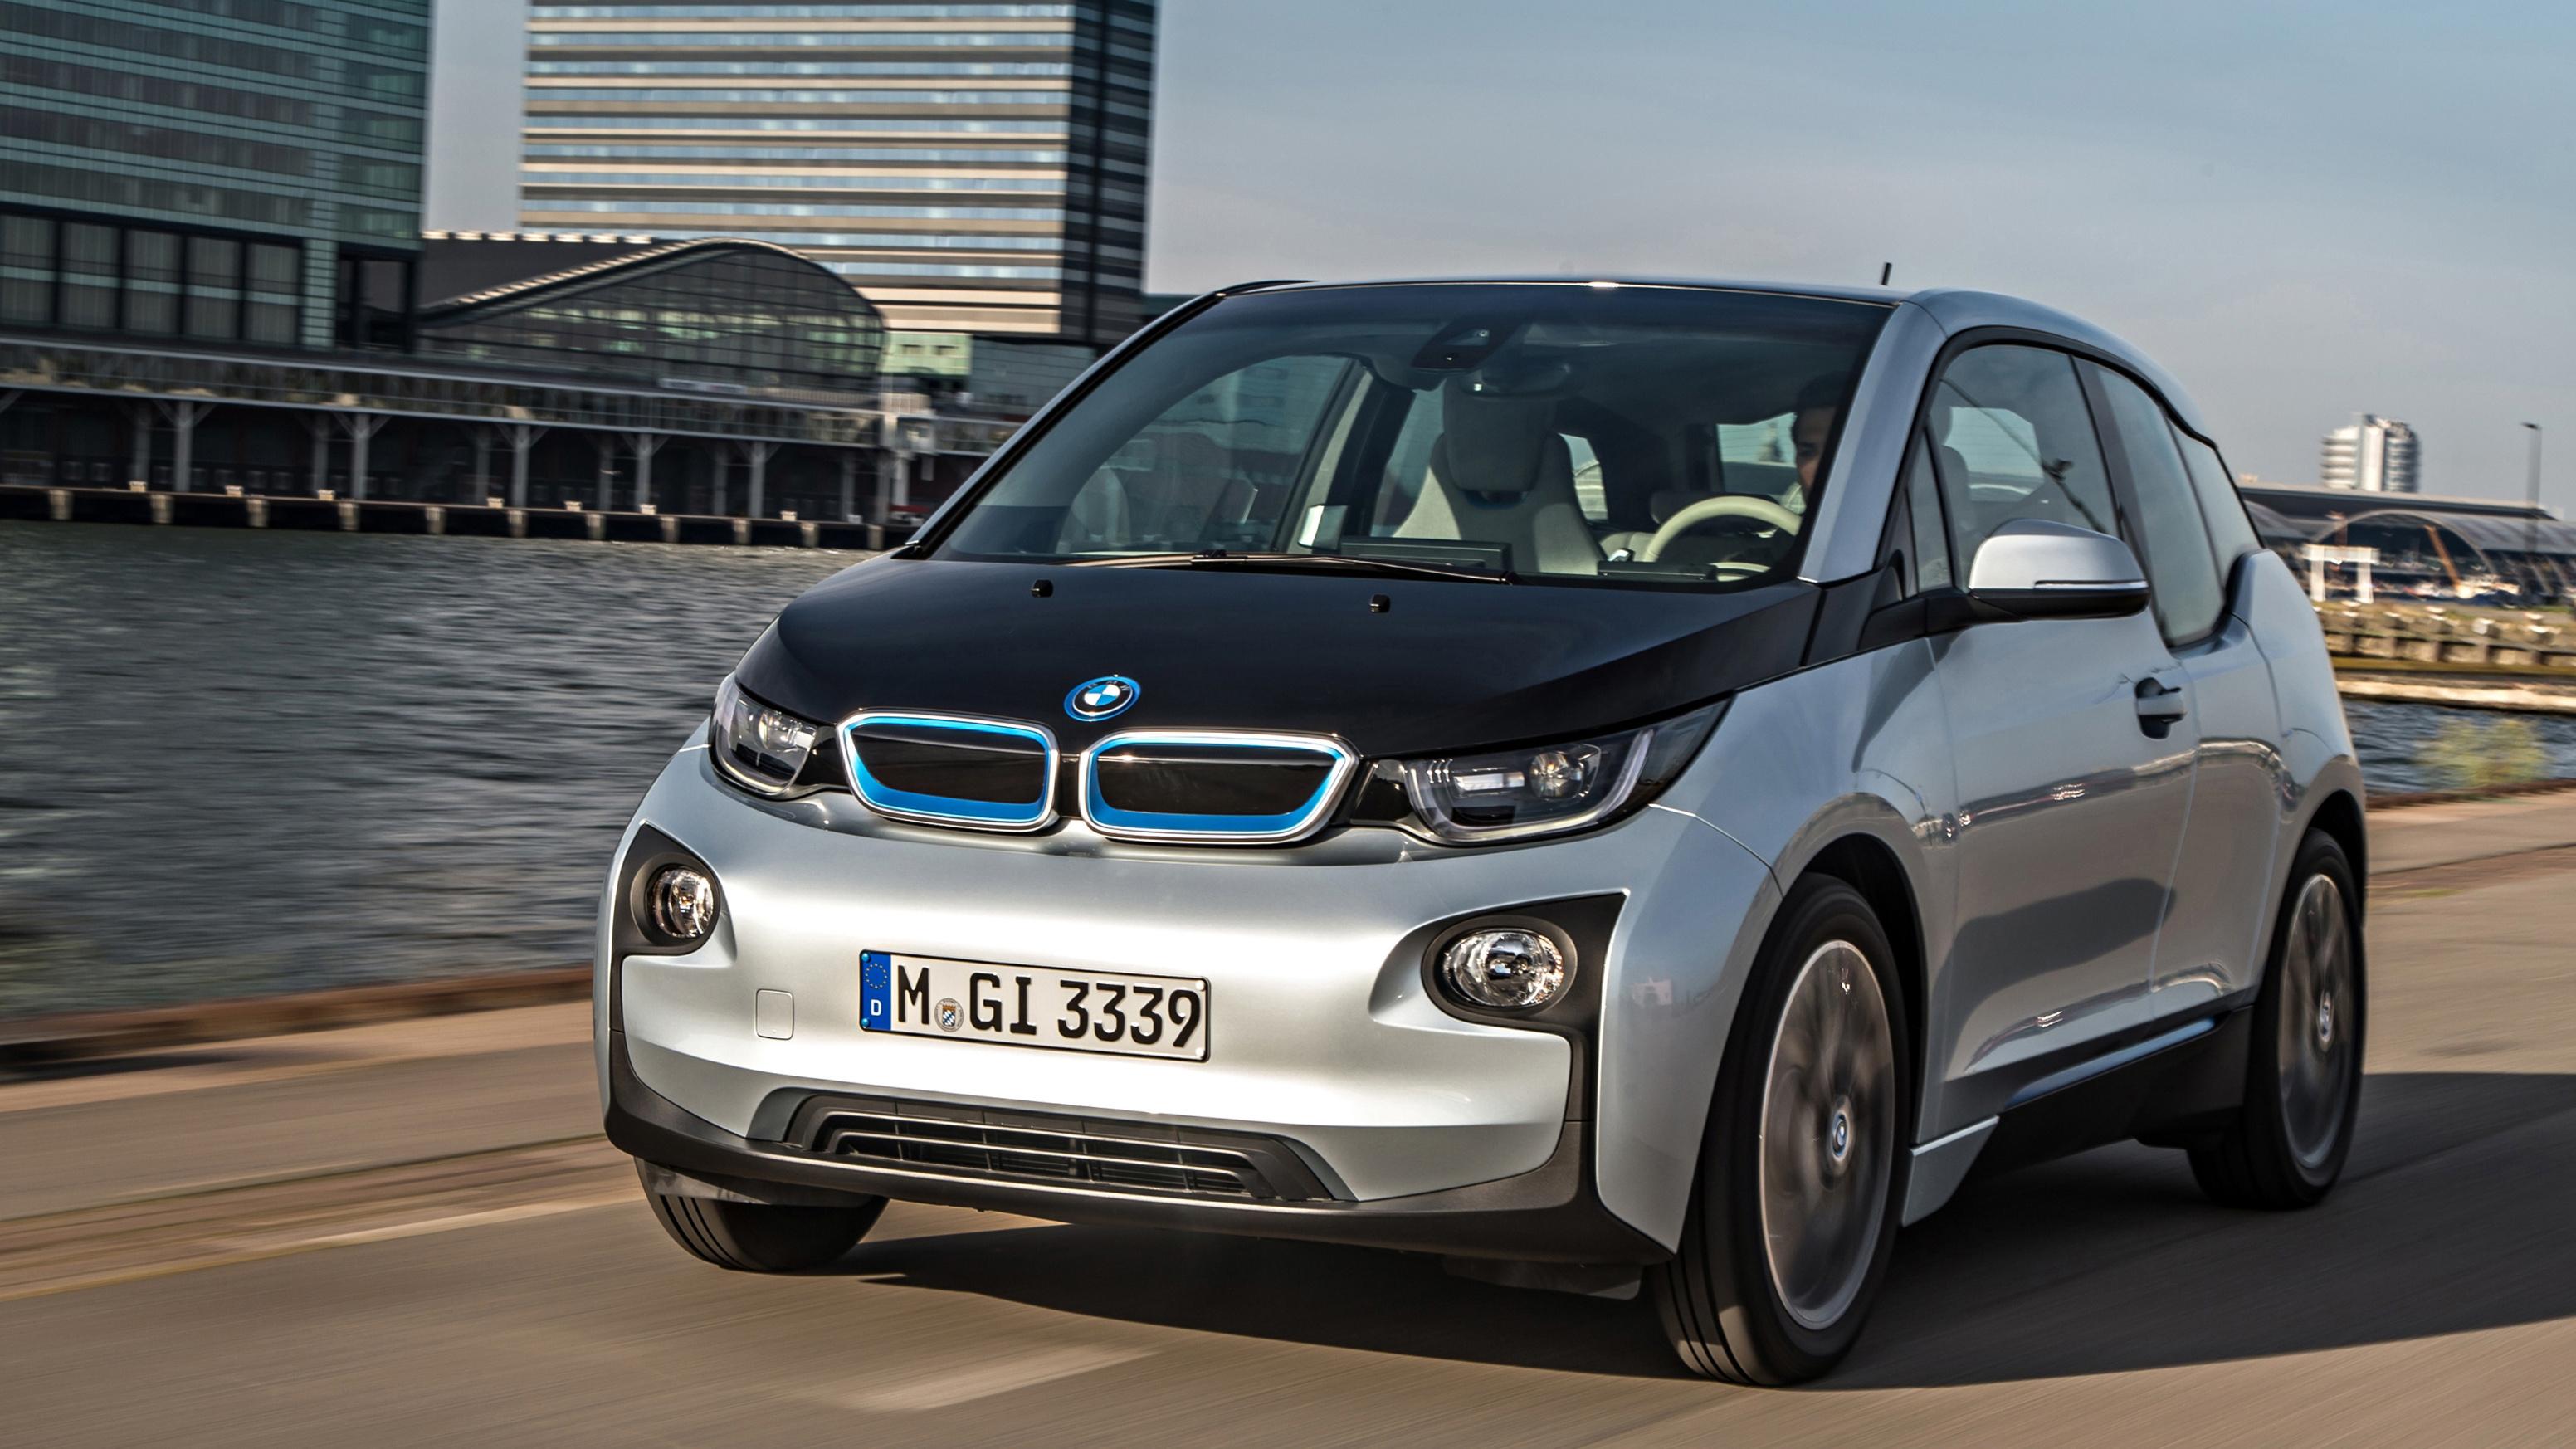 BMW i3 22 kWh